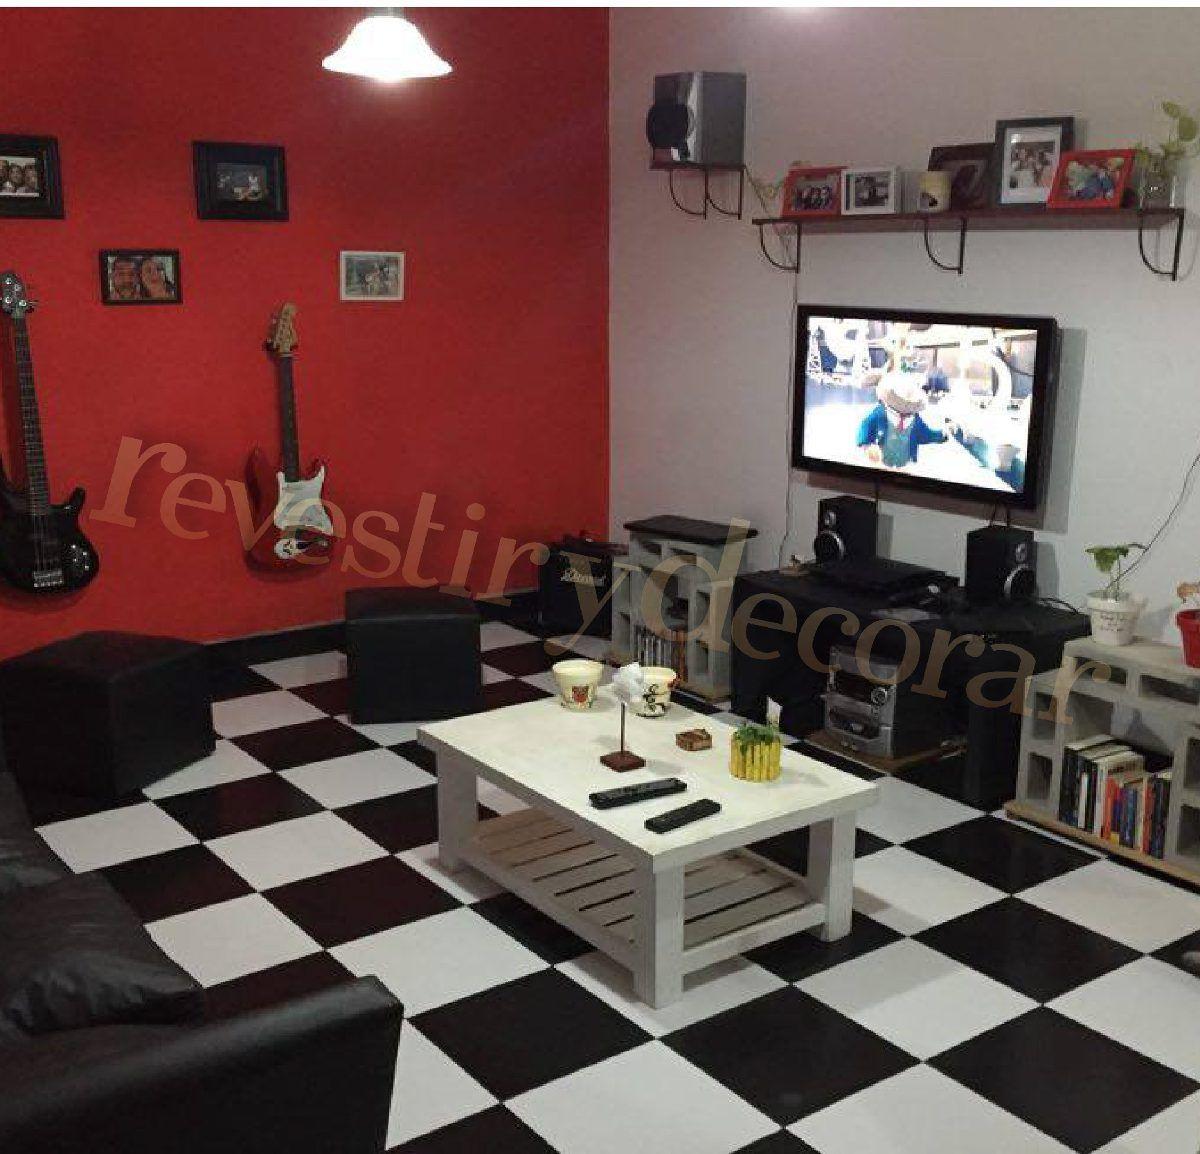 Ceramica piso blanco negro texturada 35x35 1 calidad for Deco sala en blanco y negro